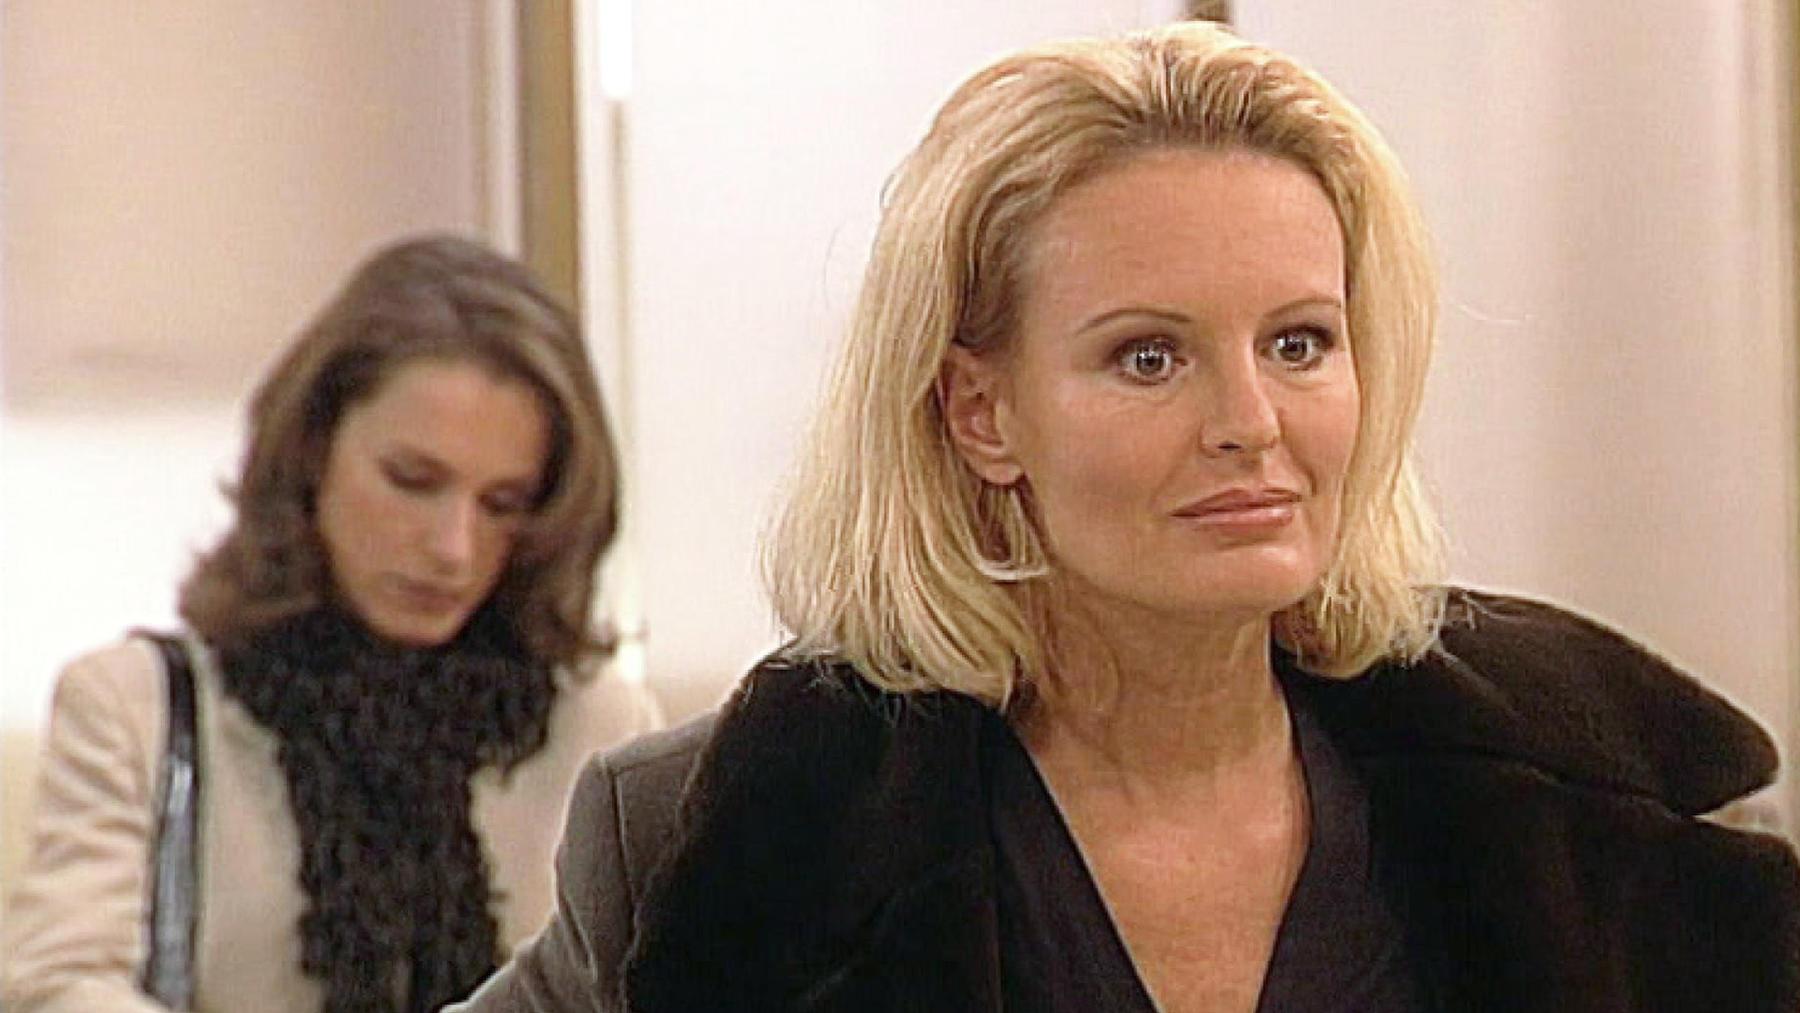 Claudia glaubt, ohne Viktor nicht mehr zurechtzukommen